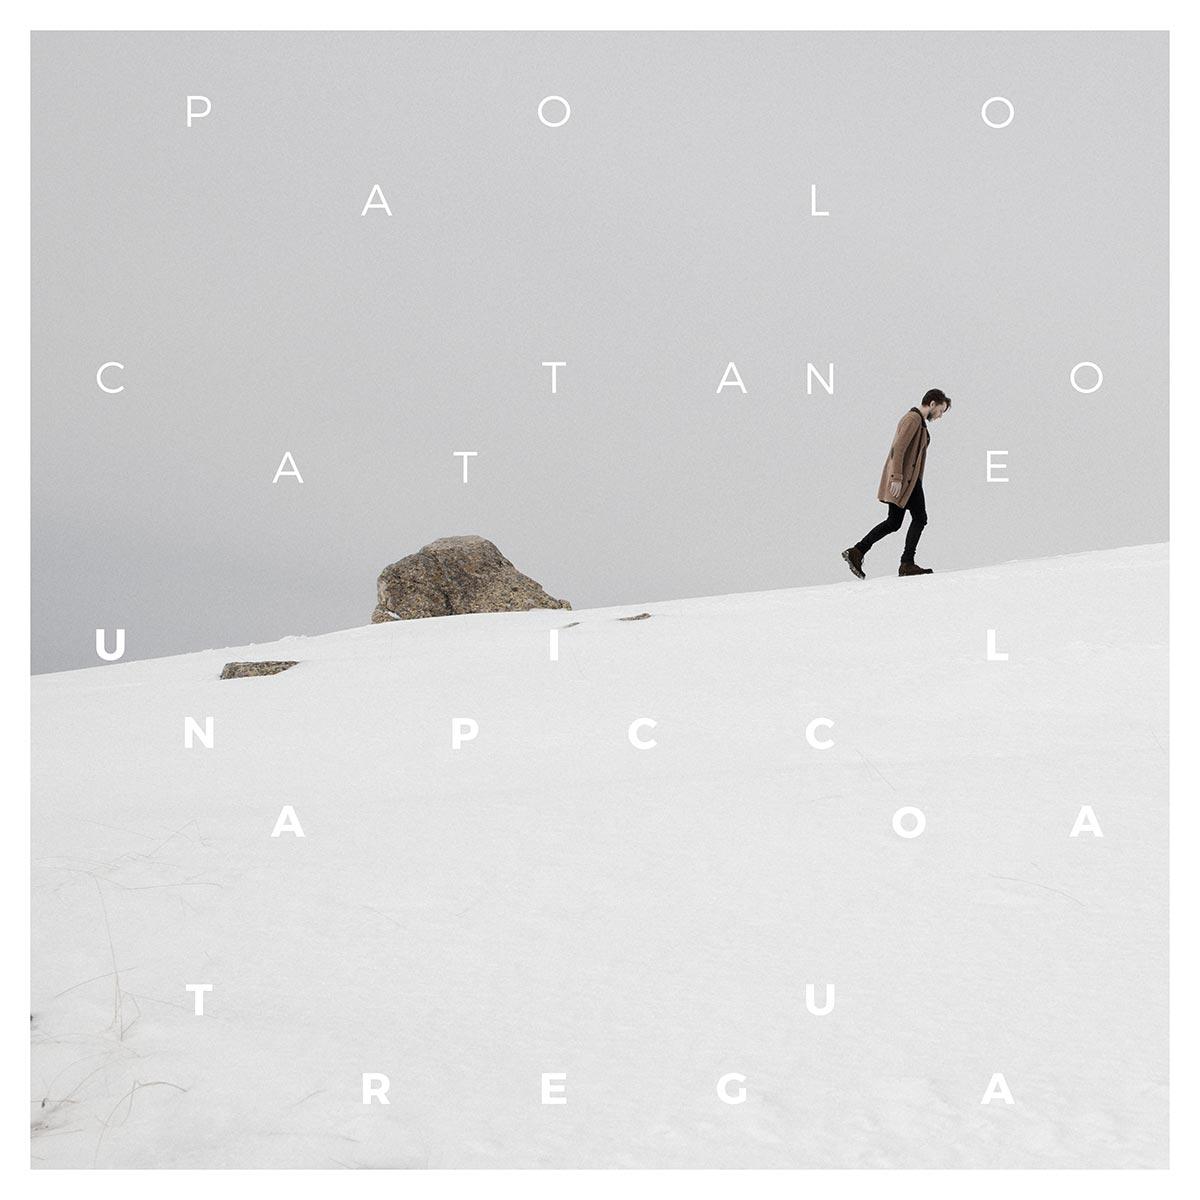 paolo-cattaneo-upt-copertina-quadra-big